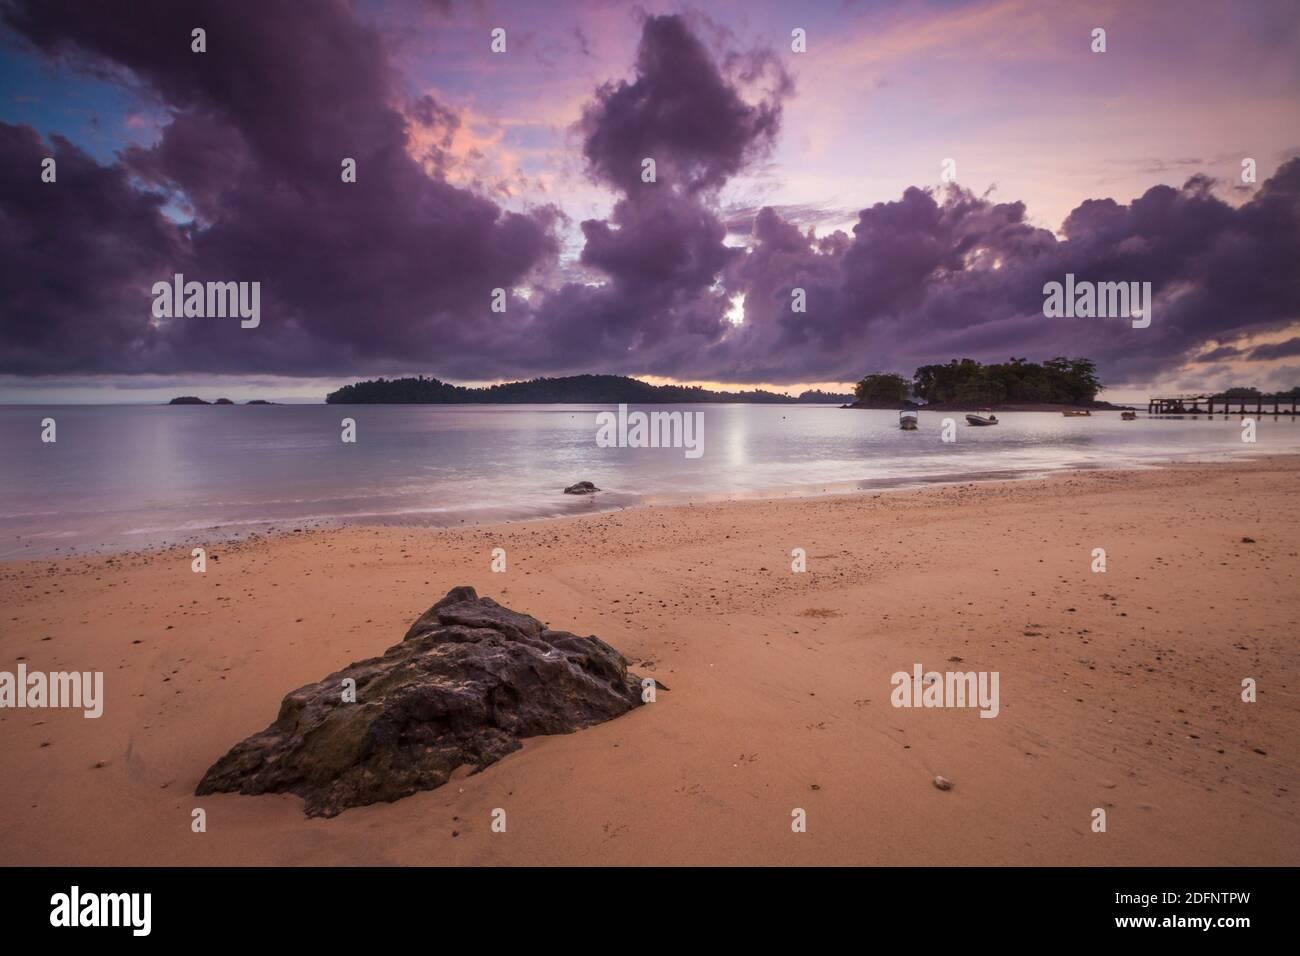 Tôt le matin à la plage à la pointe nord de l'île de Coiba, parc national de Coiba, côte du pacifique, province de Veraguas, République du Panama. Banque D'Images